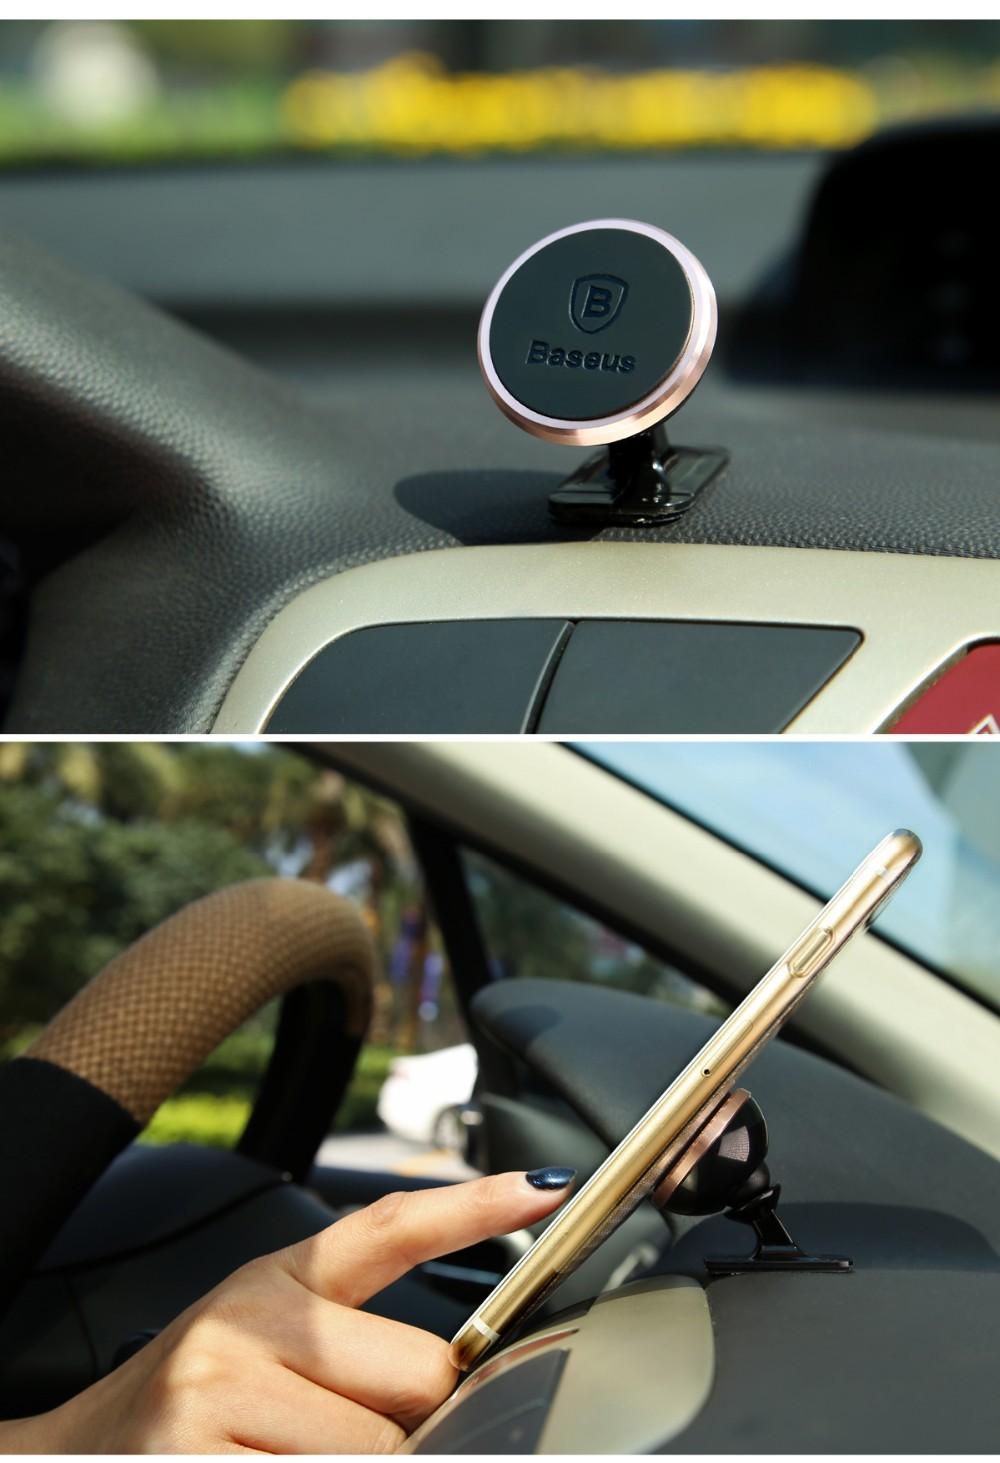 Универсальный магнитный держатель для телефона/планшета/навигатора